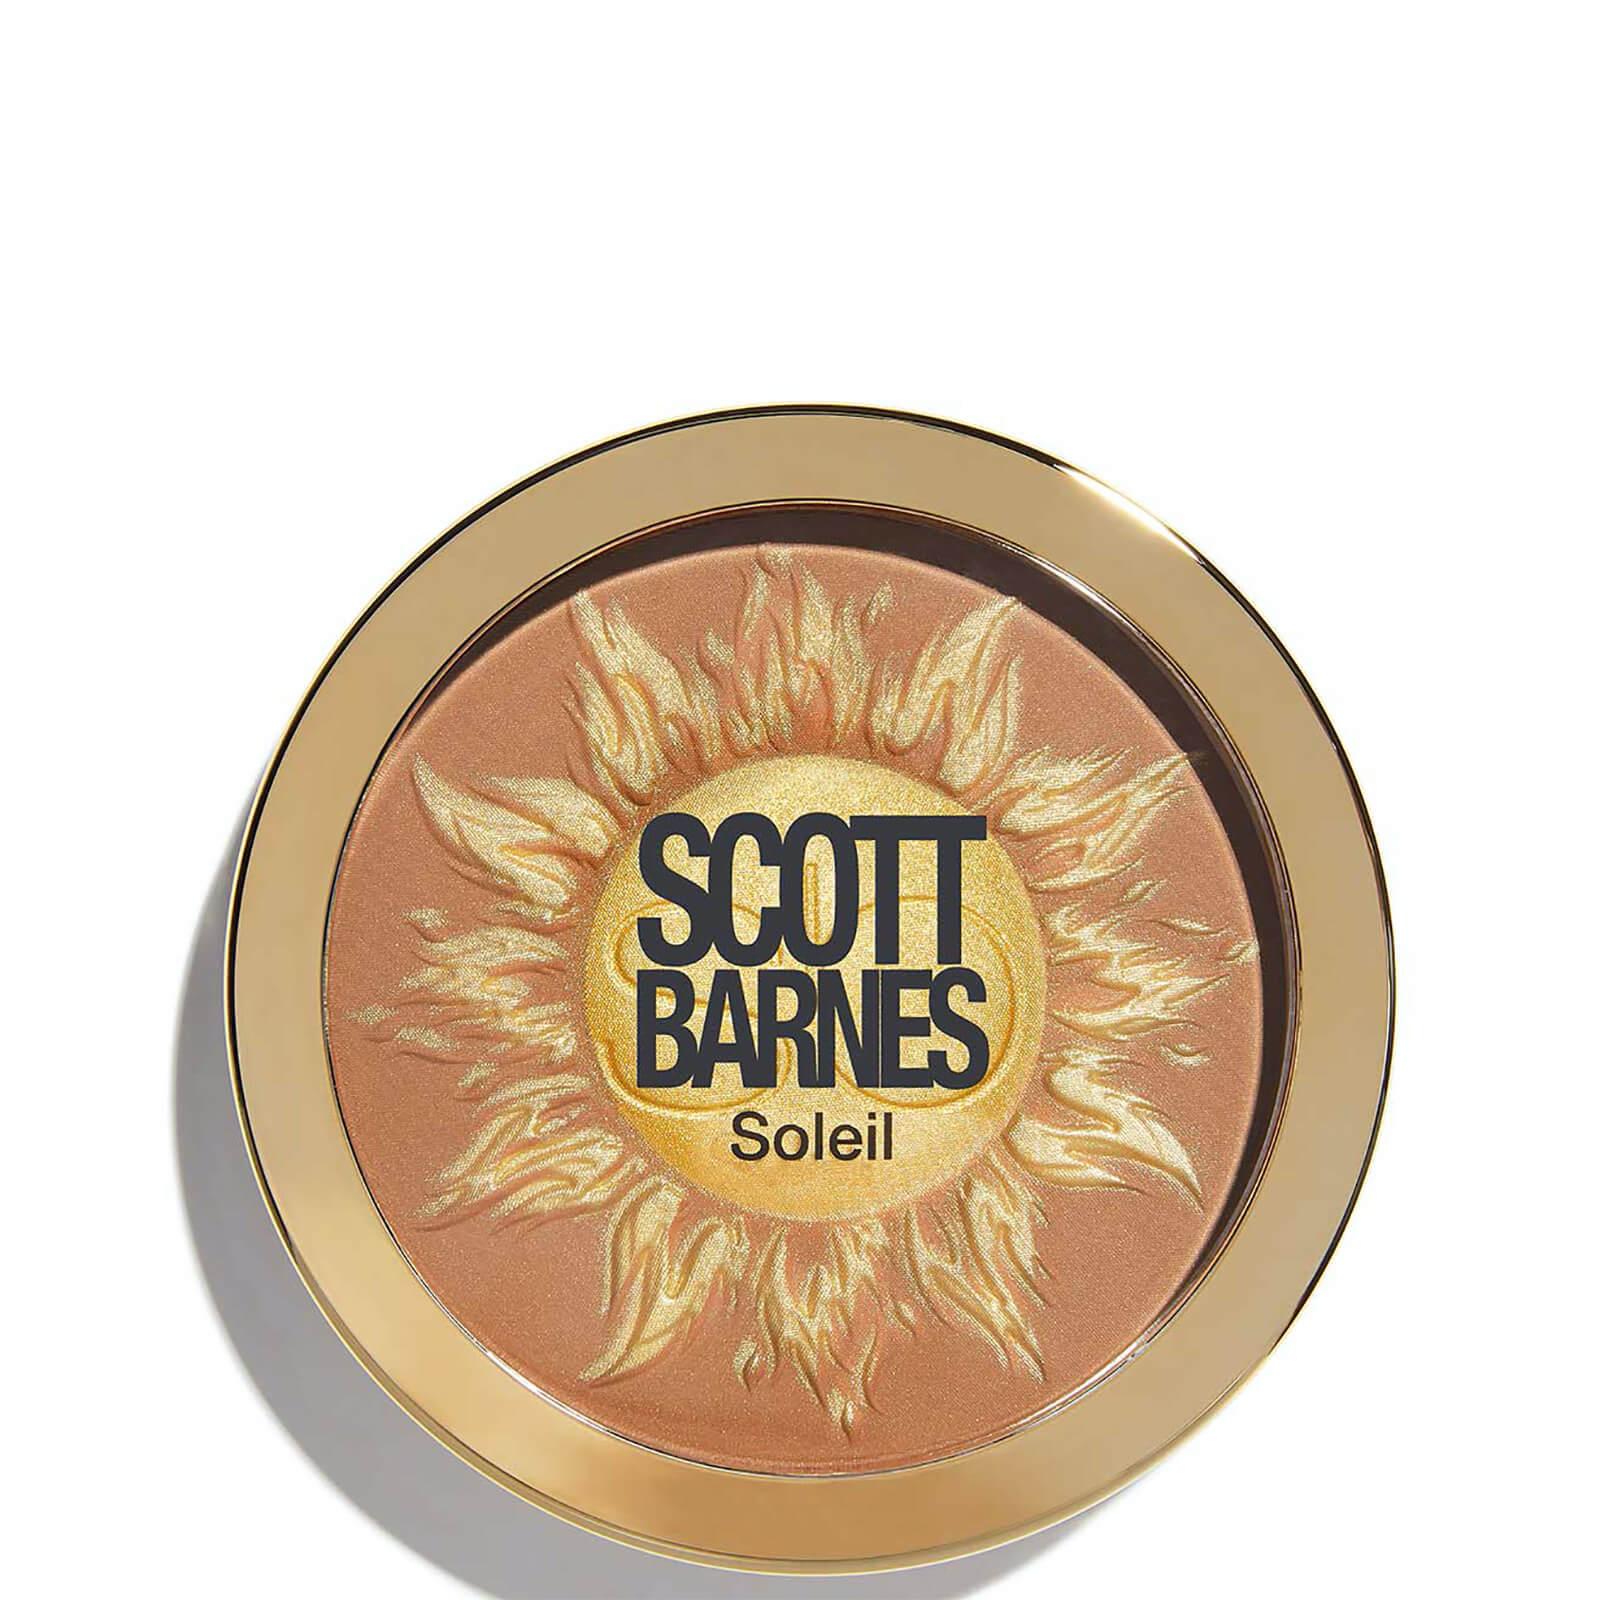 Купить Бронзер Scott Barnes Soleil Bronzer (различные оттенки) - Sicilian Sun